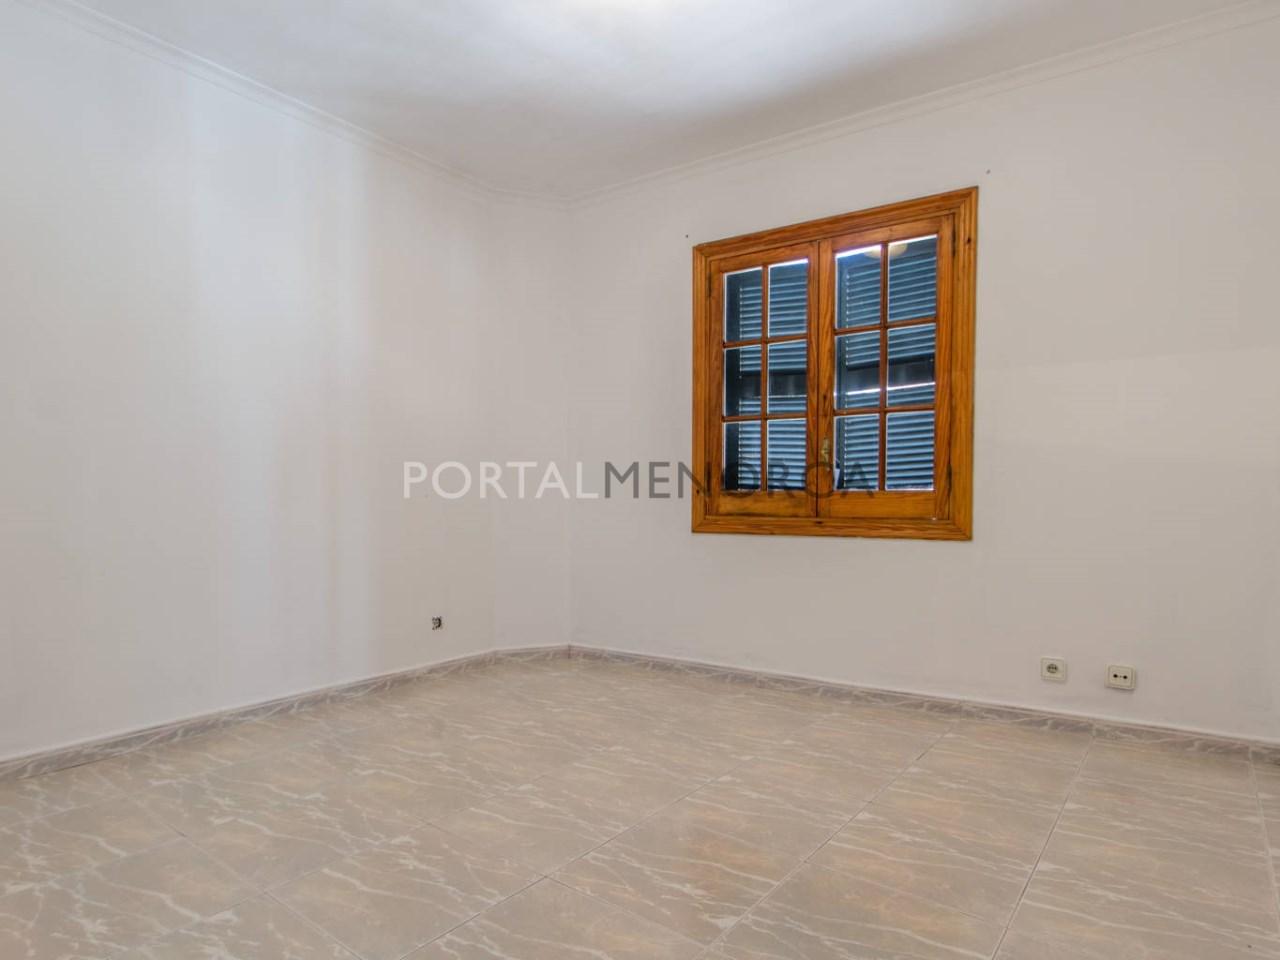 Casa en venta en Alaior (21)